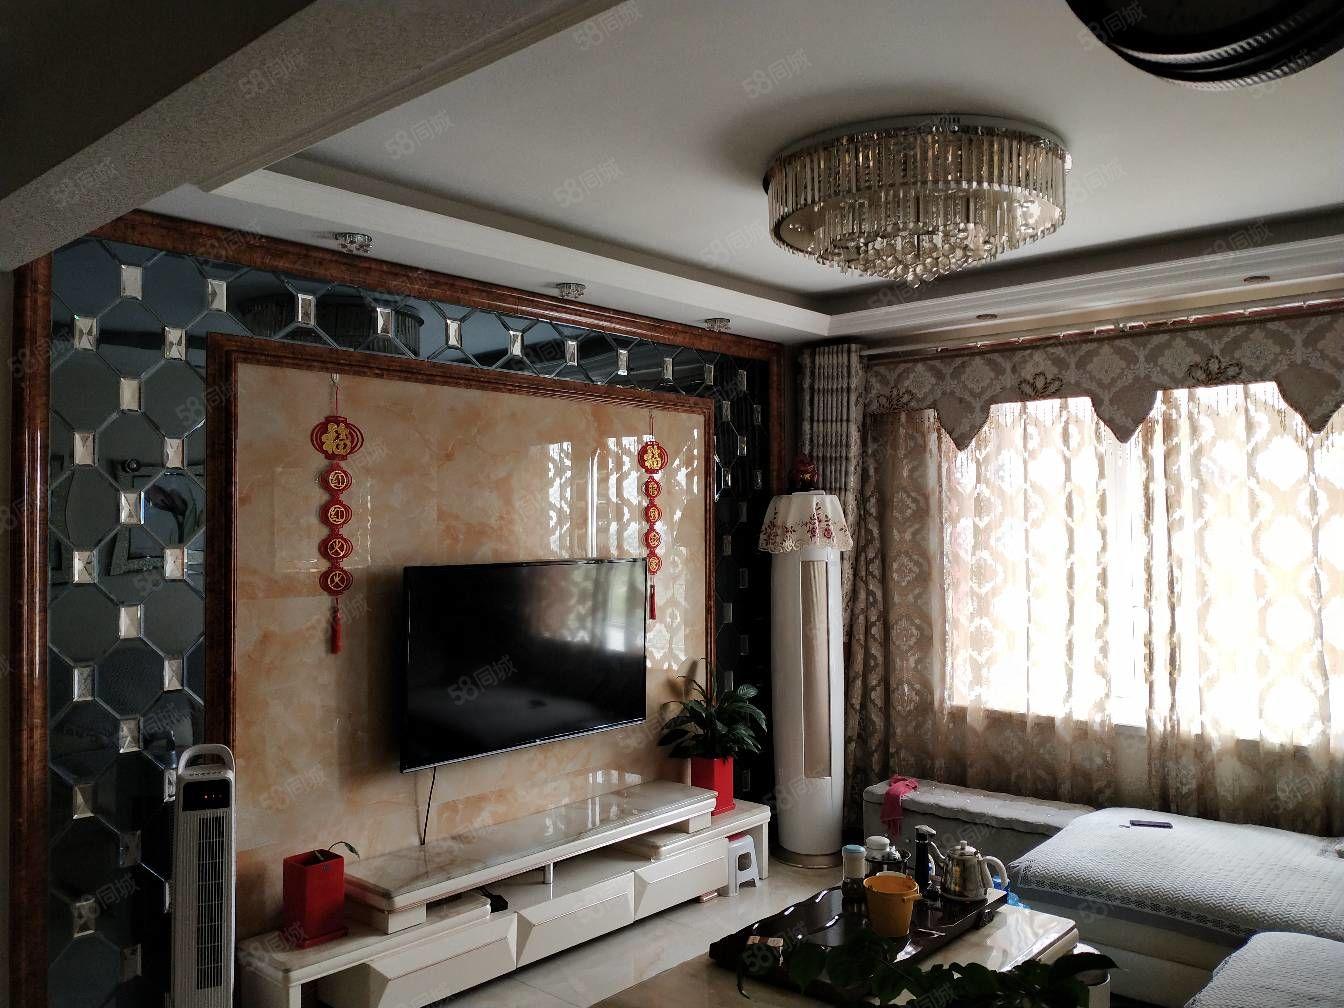 新上房金山御景豪裝三房全南戶型廚衛帶窗品牌家具家電